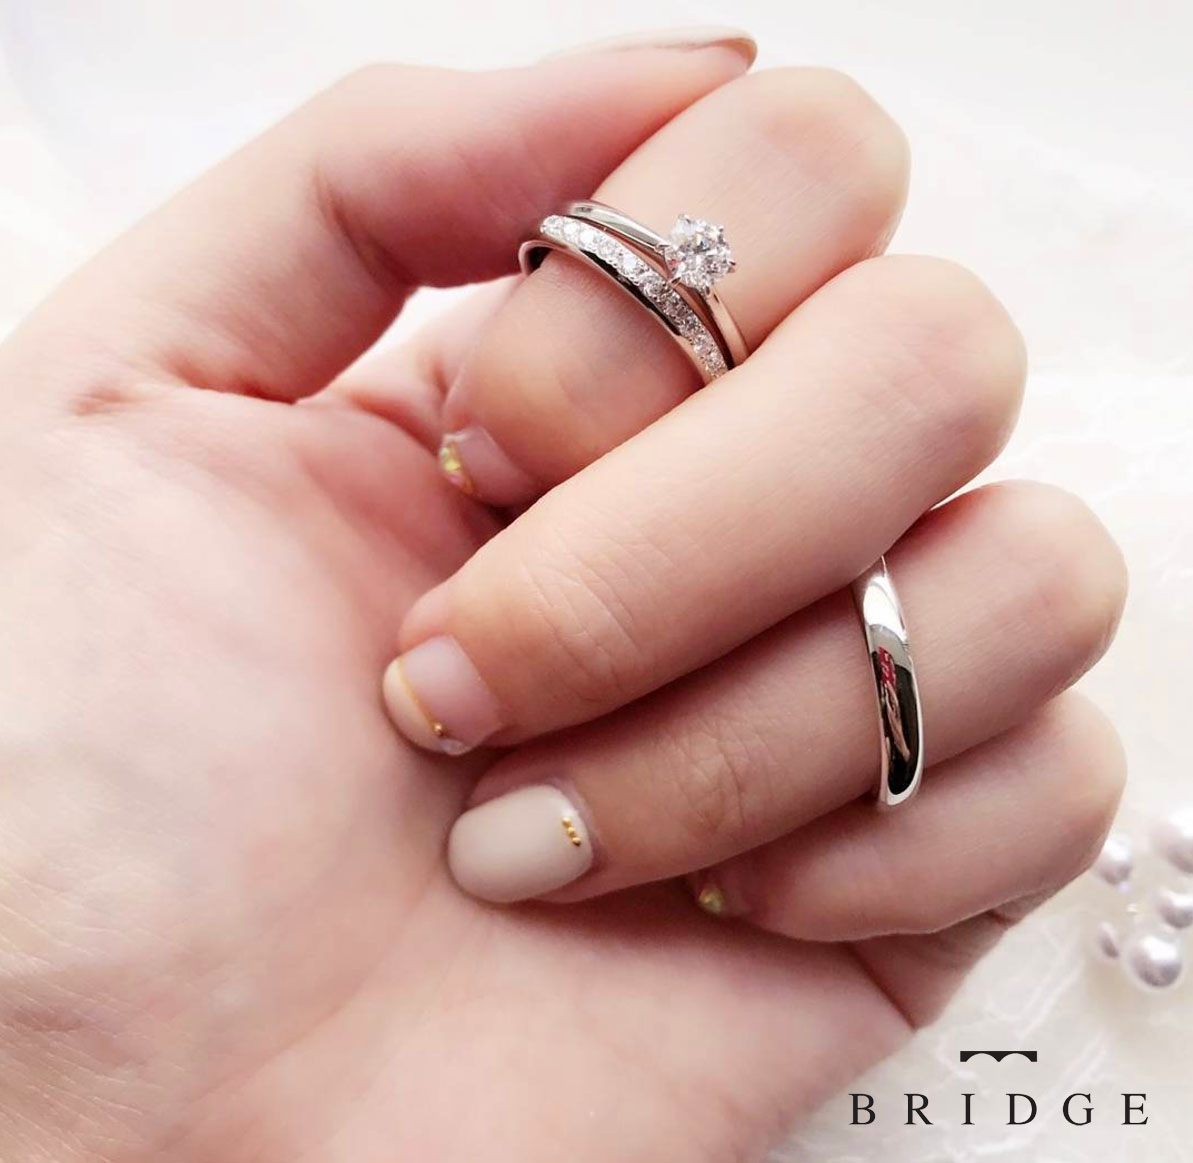 結婚指輪婚約指輪リングのセット重ねつけが人気銀座BRIDGEブリッジまろぎ